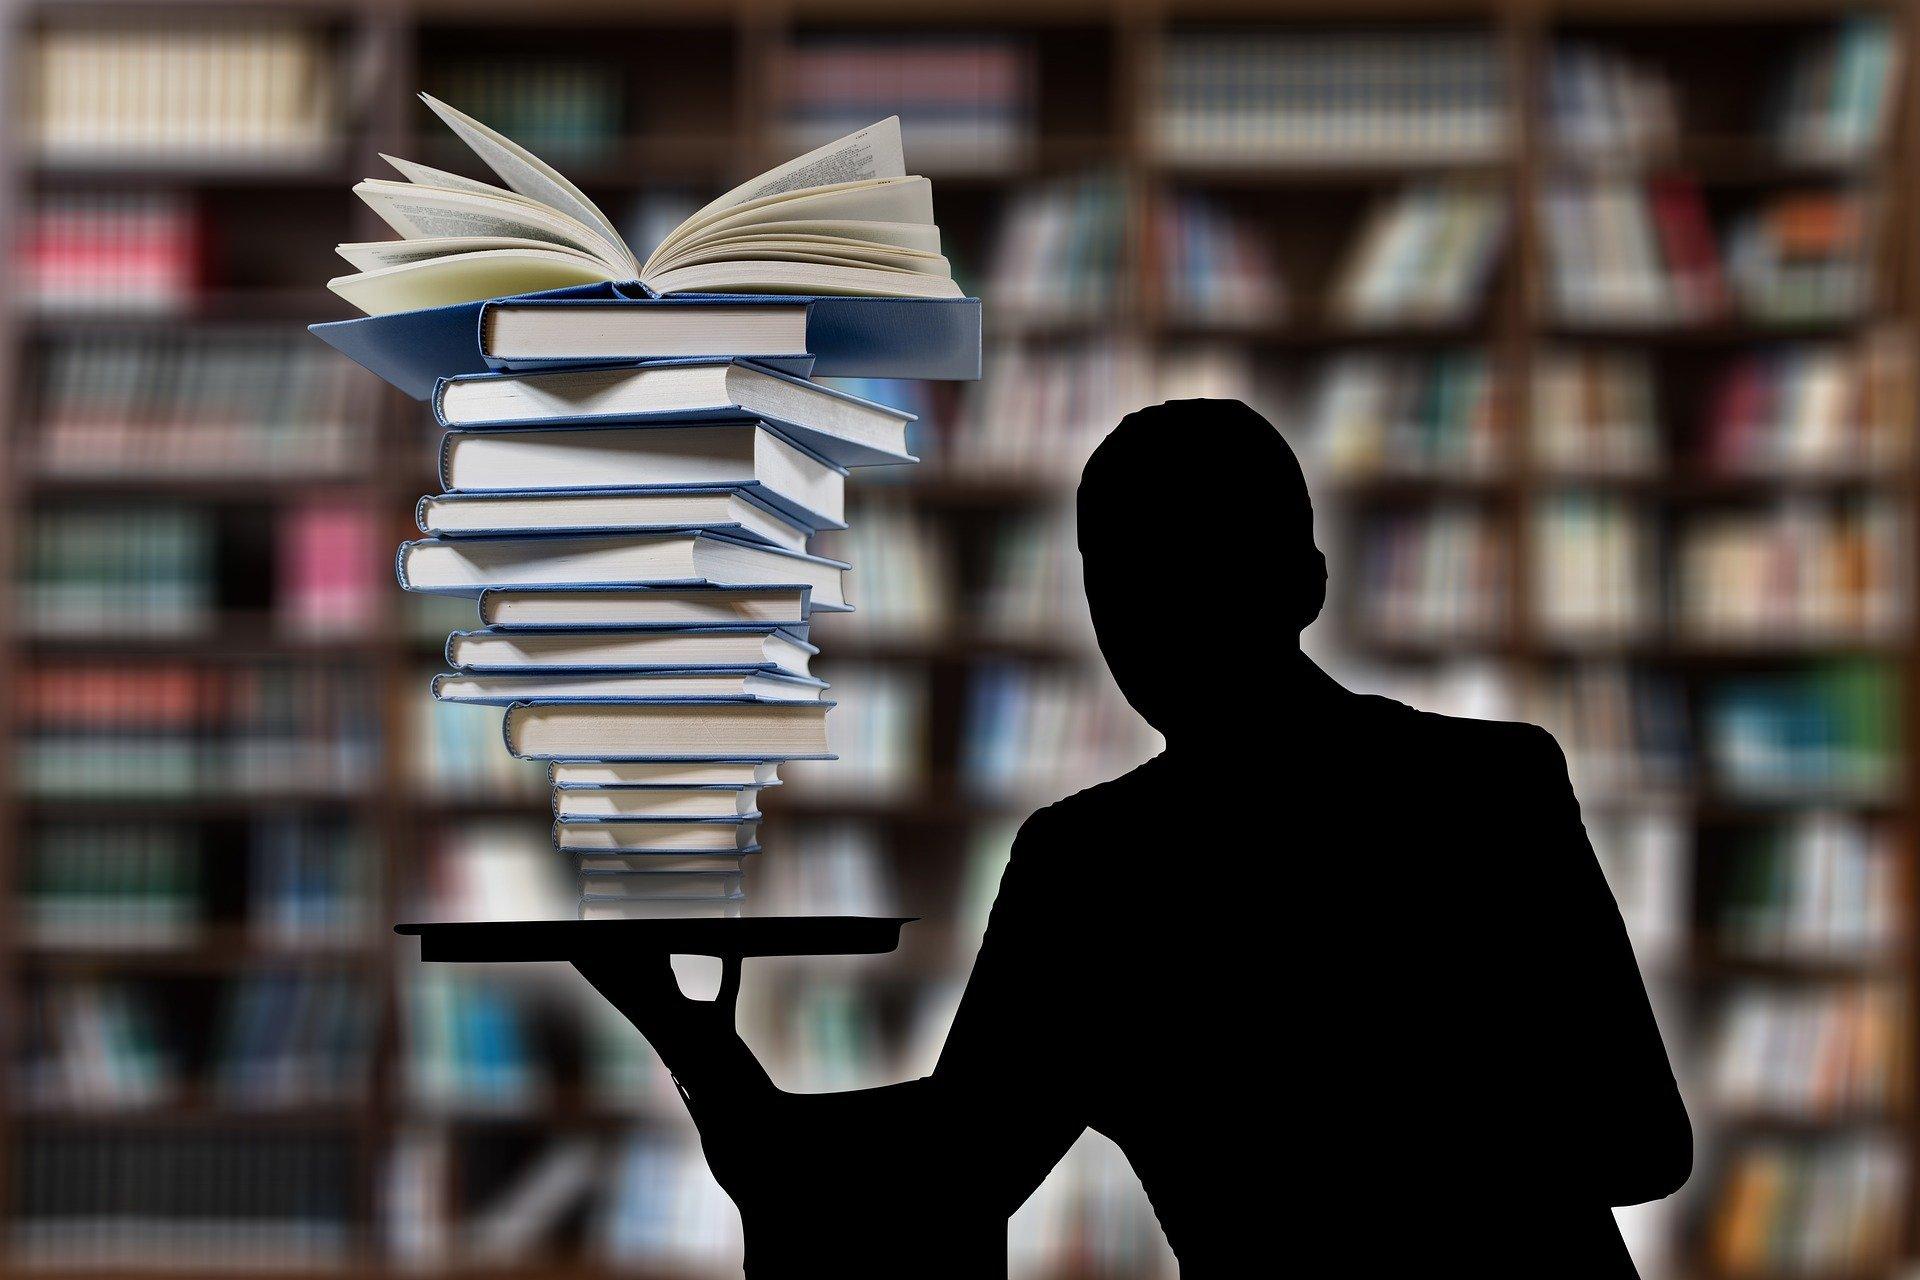 Ilustração gráfica de silhueta de homem segurando pilha de livros